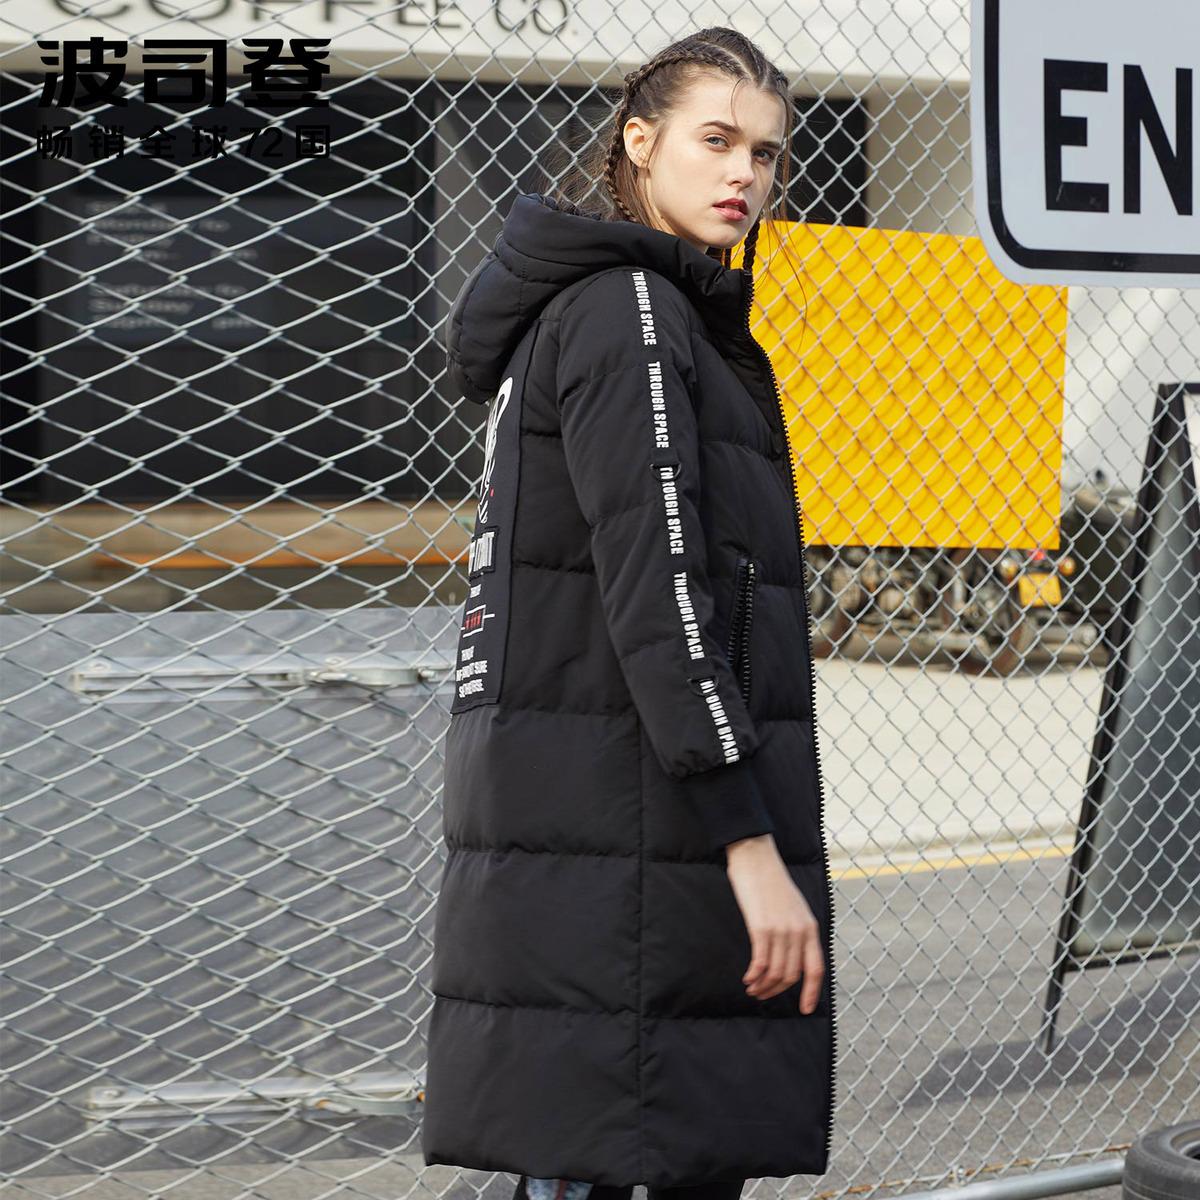 波司登羽绒服女士长款新款冬加厚保暖修身连帽防寒外套B70142134